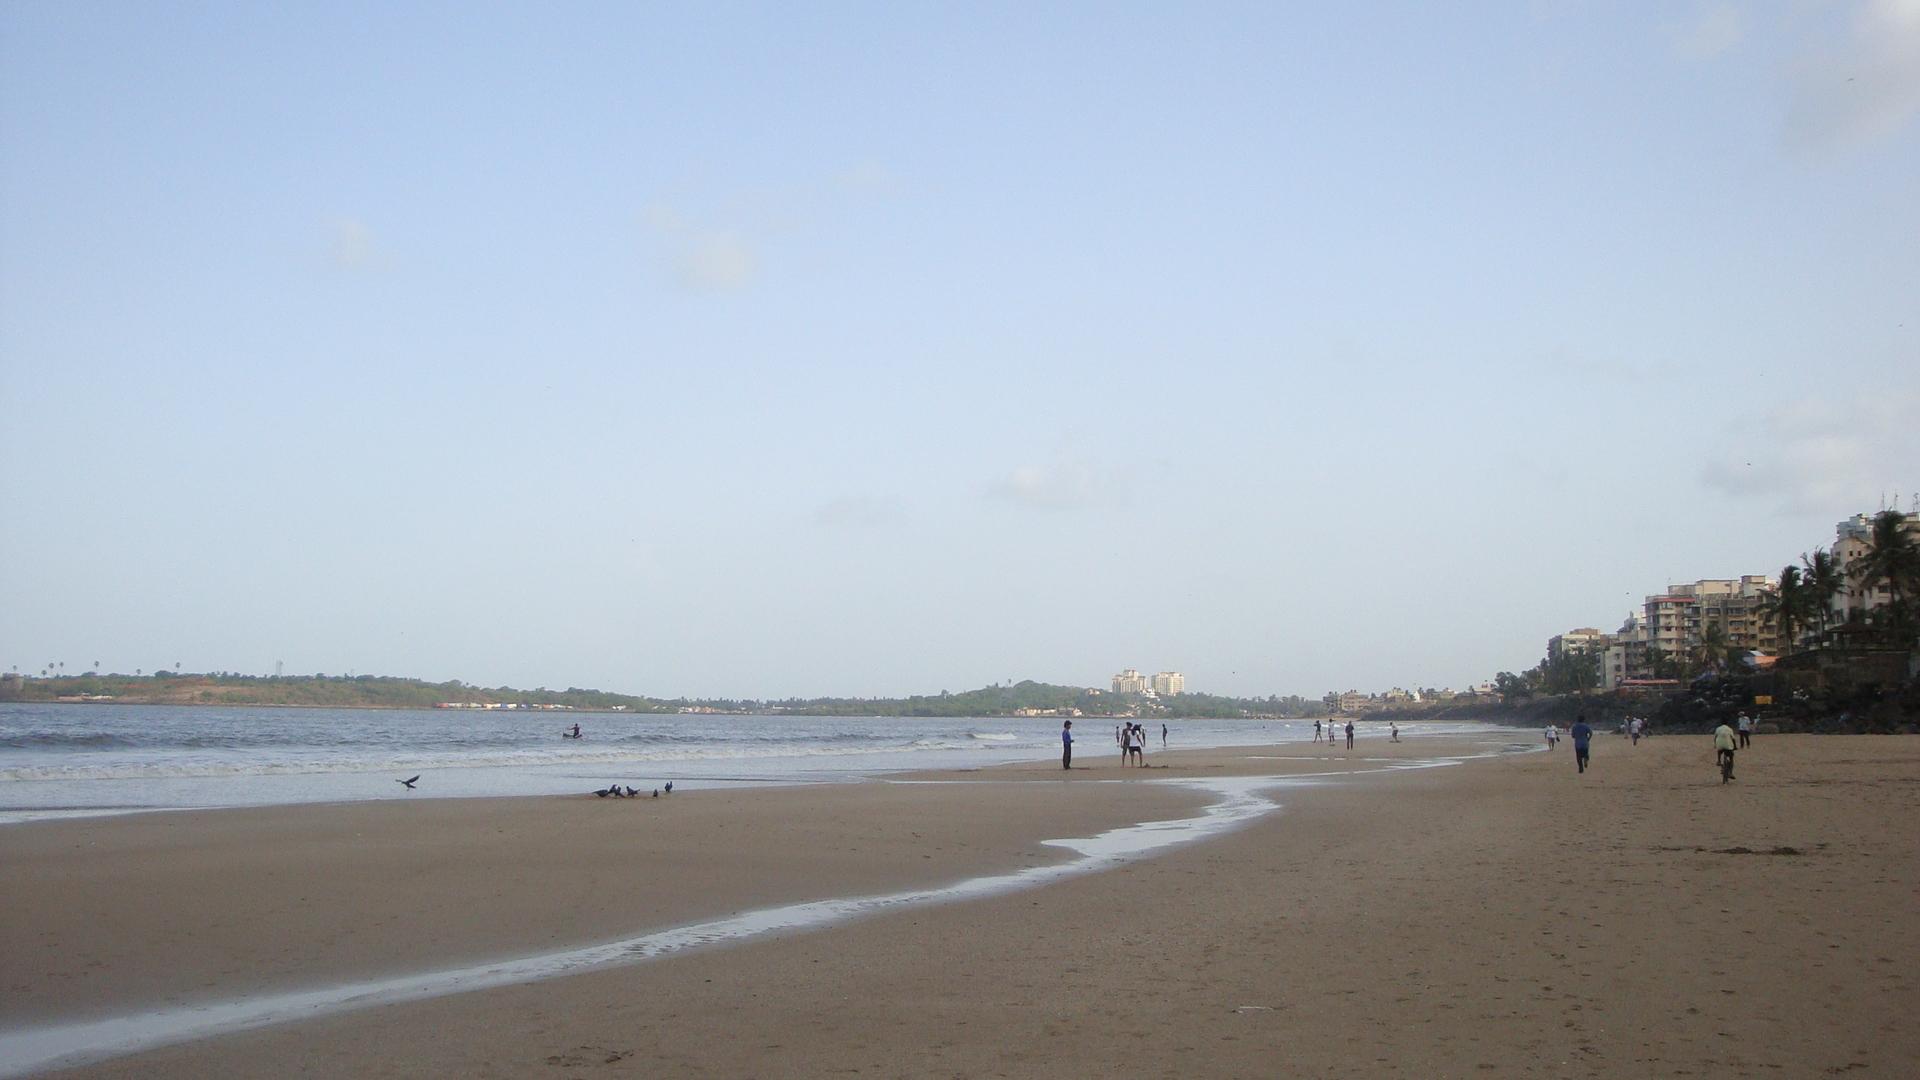 Beaches in Mumbai